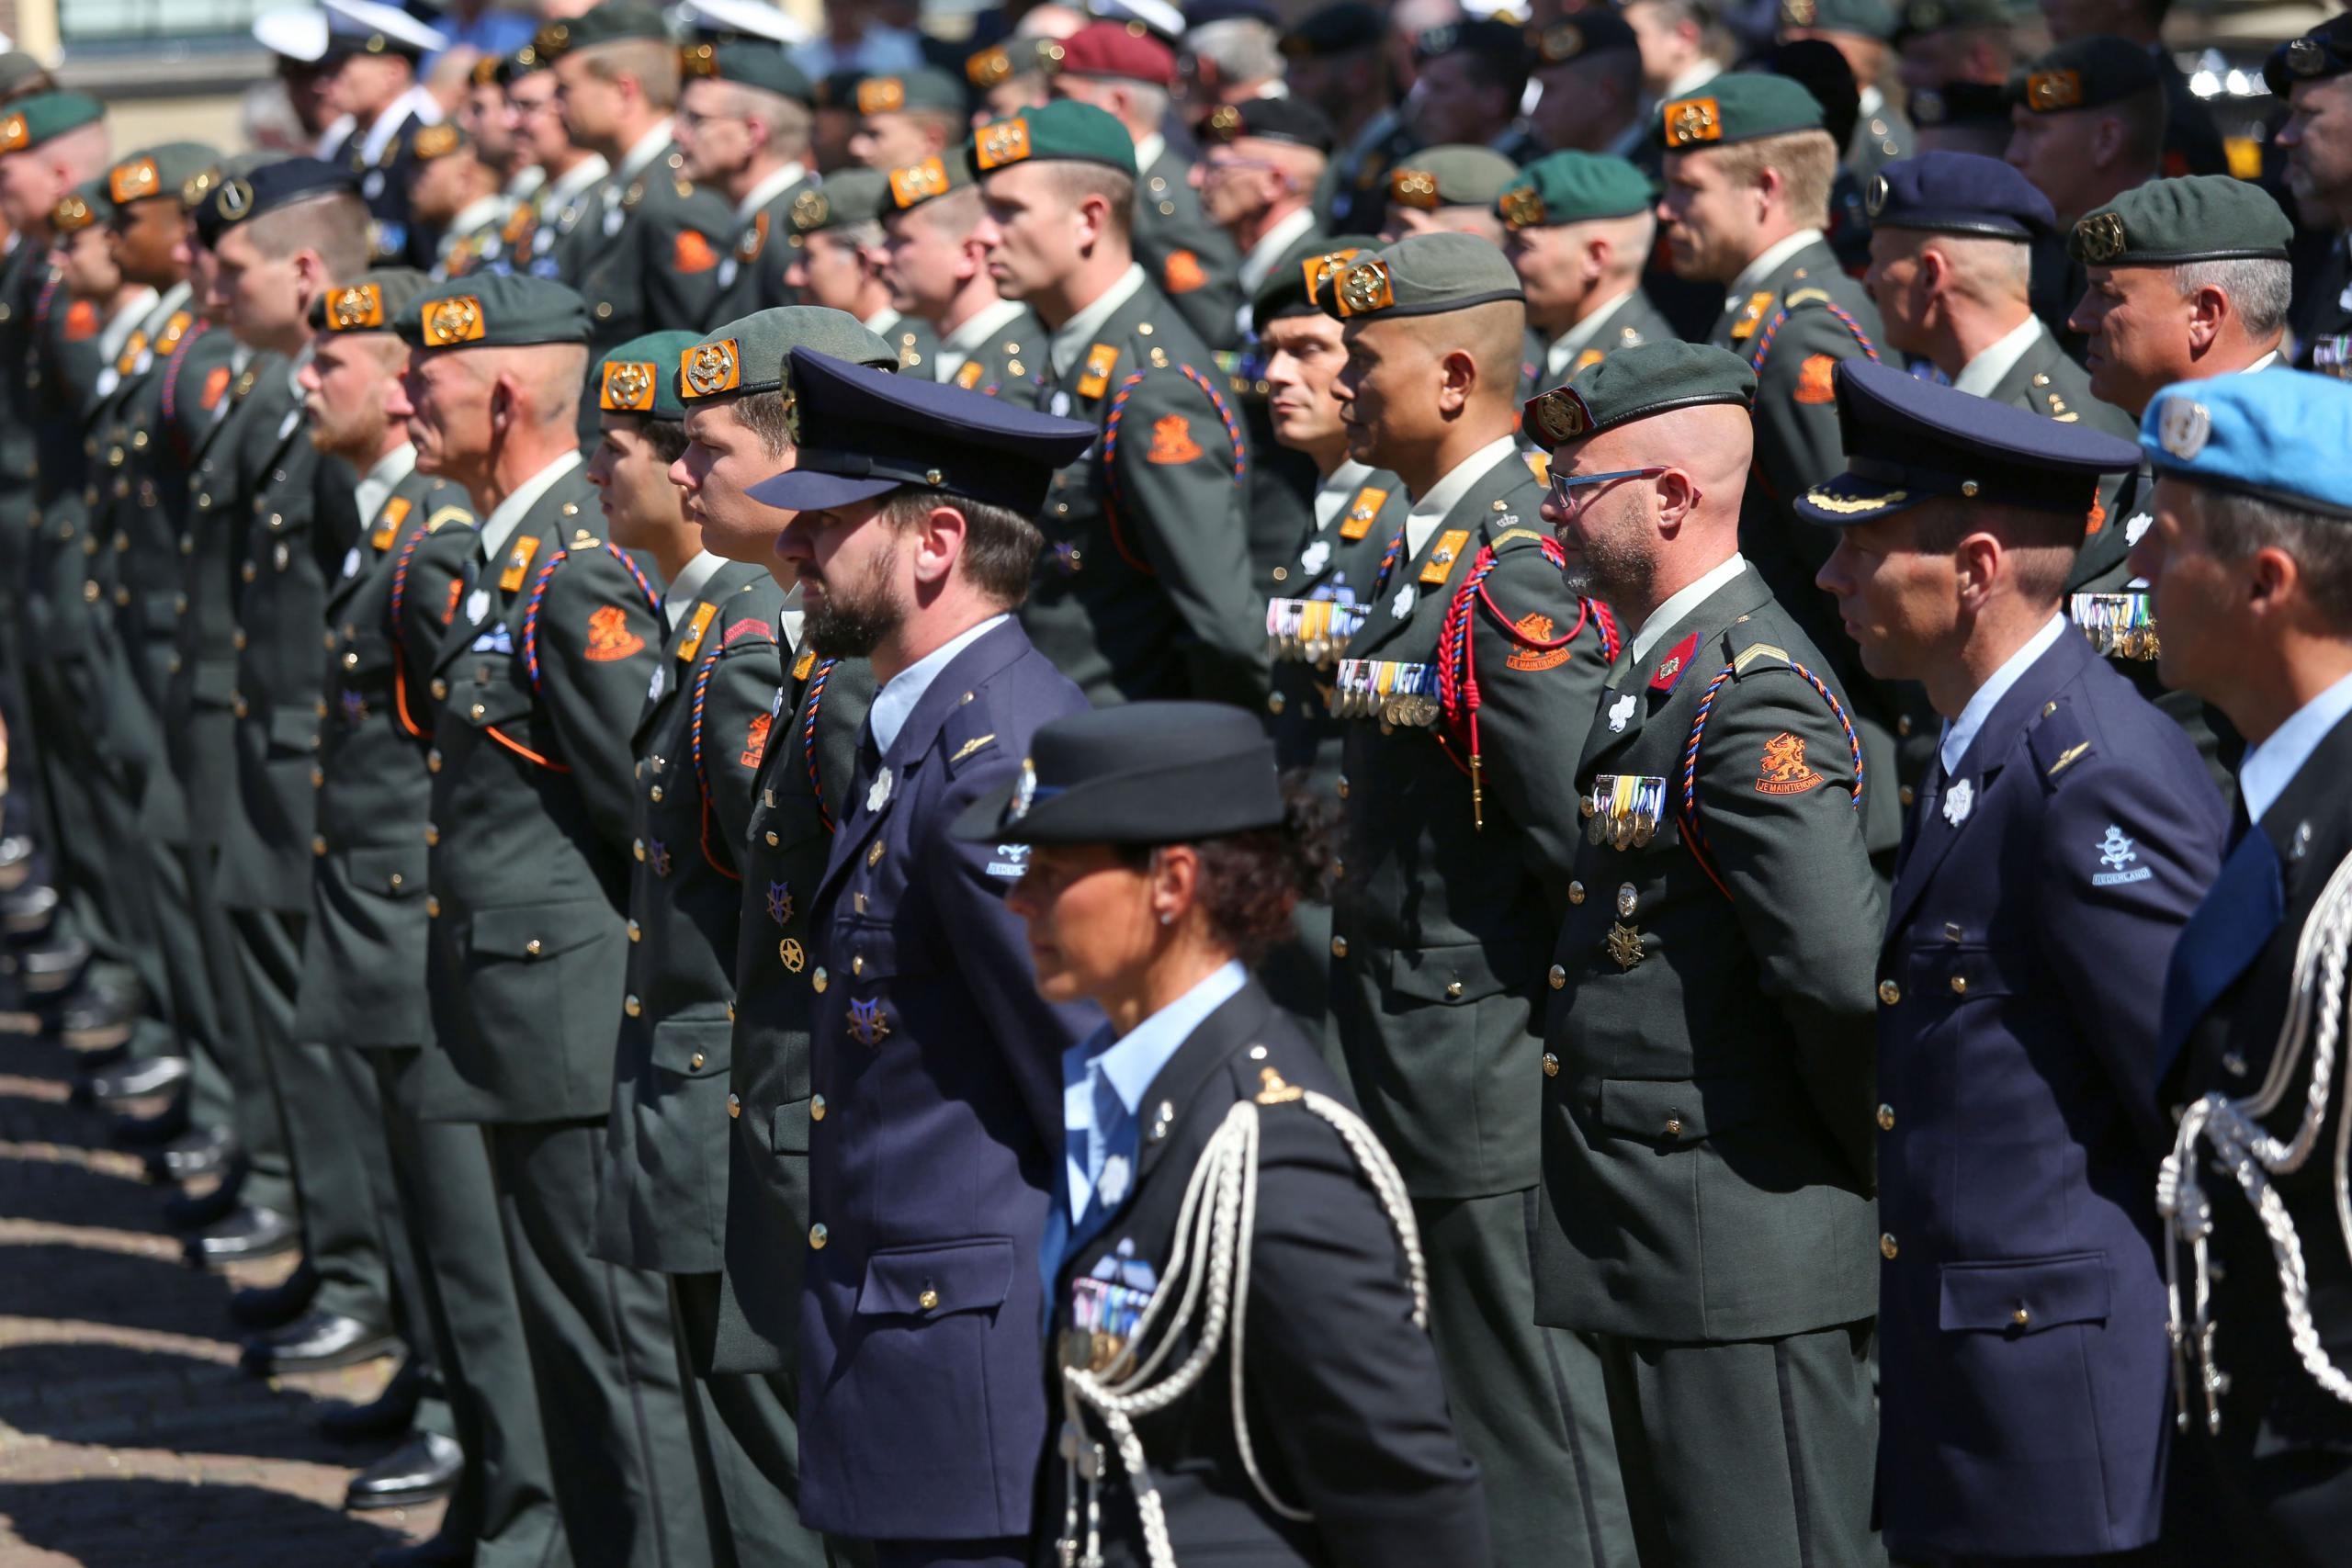 Activiteiten voor jong en oud tijdens Zutphense Veteranendag